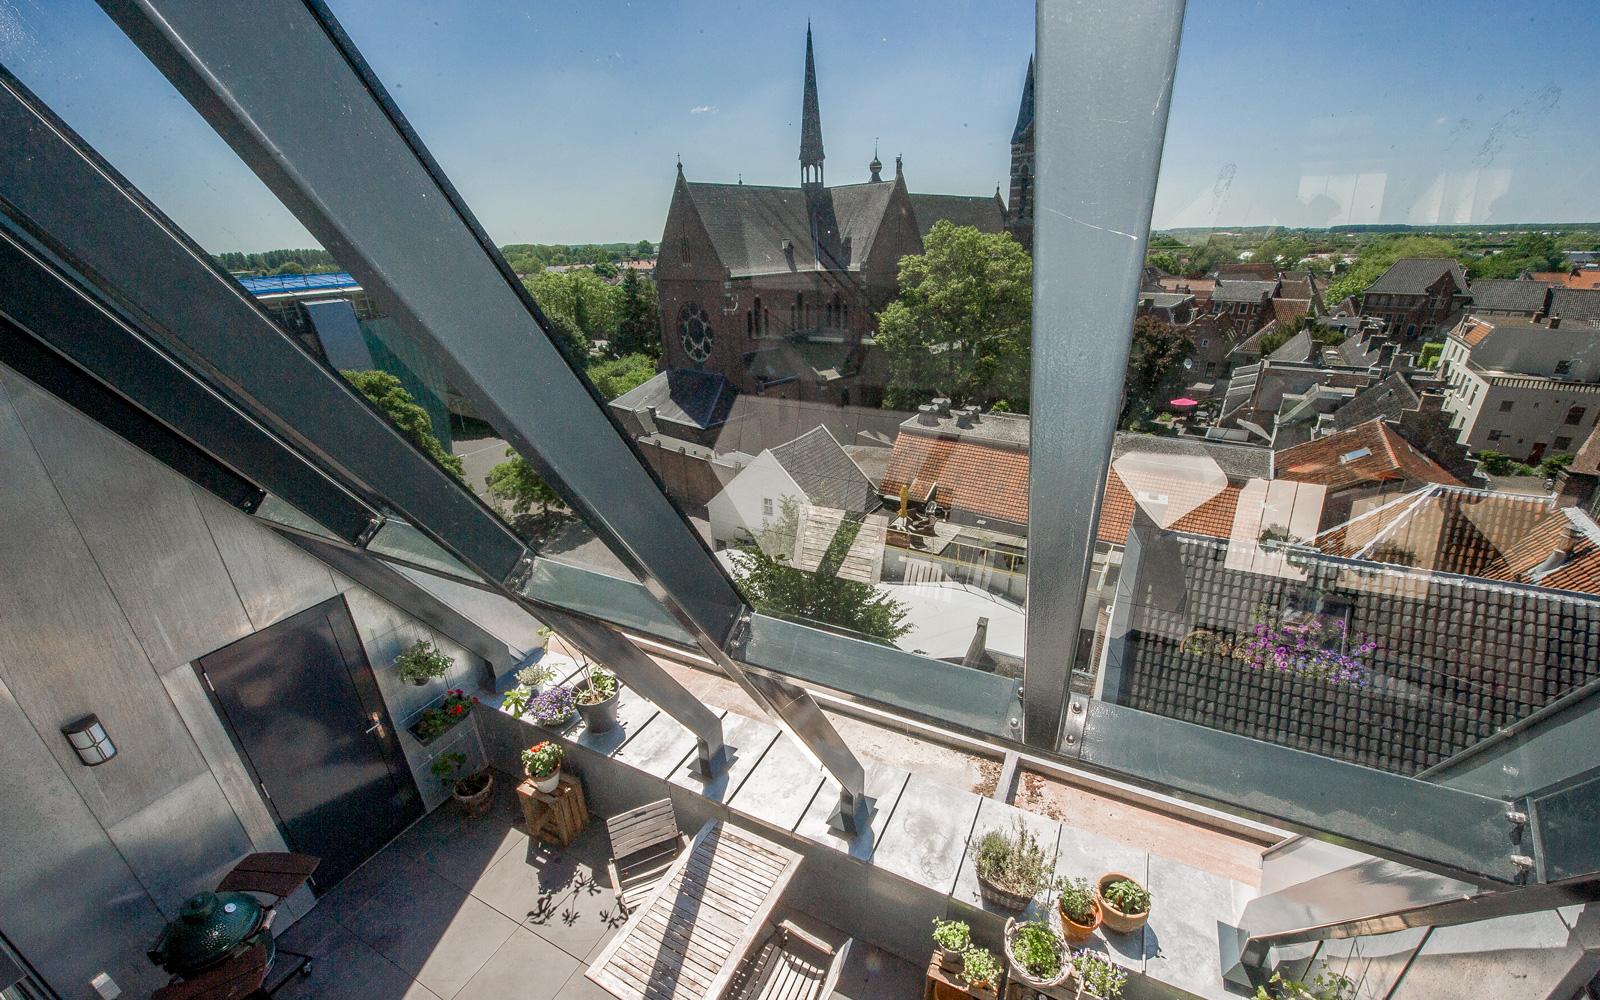 Het zonnige terras biedt een prachtig uitzicht op het centrum van Culemborg.